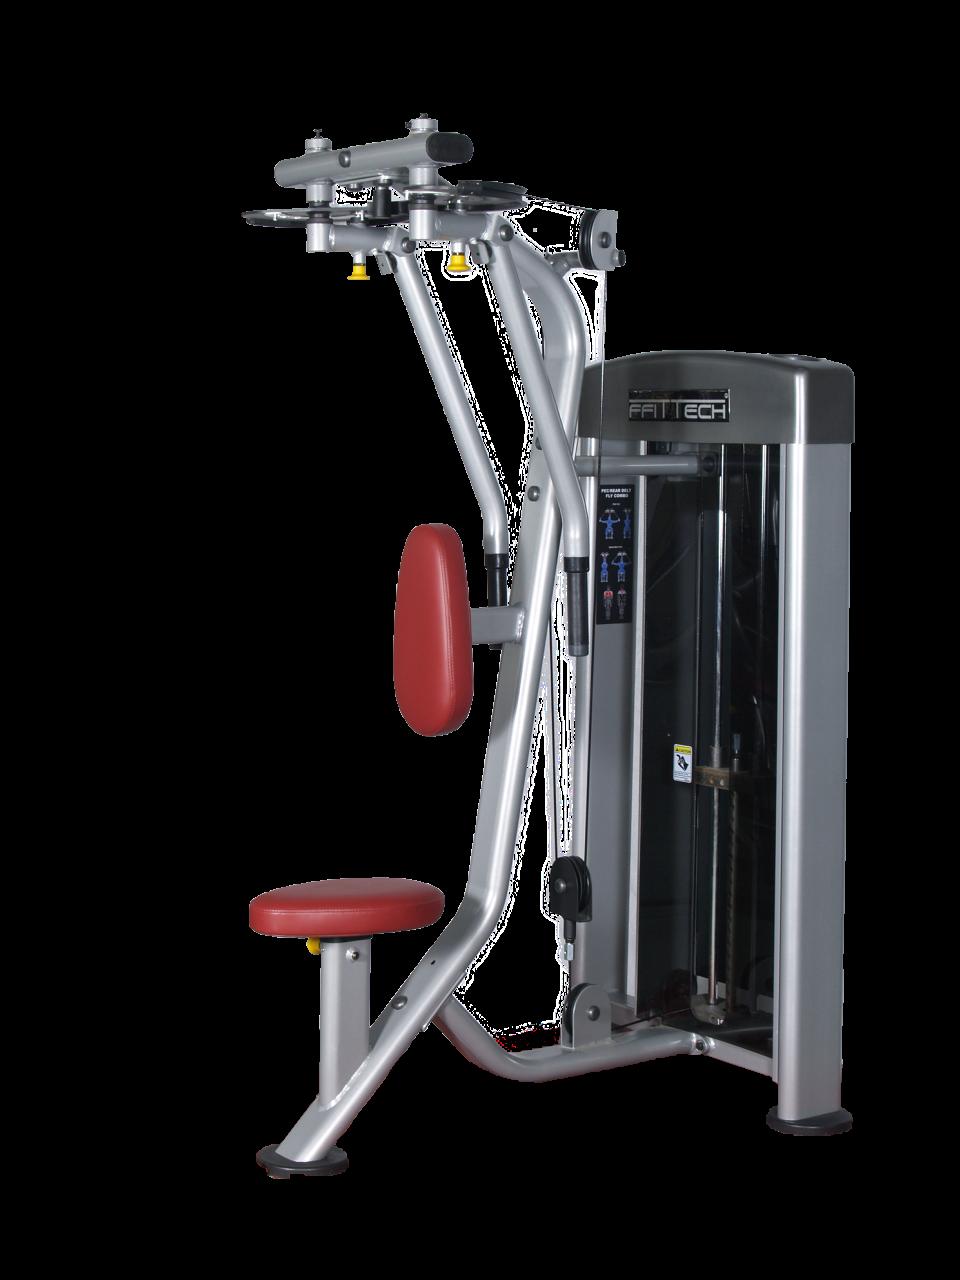 Maquinas de gimnasio ffittech for Maquinas para gym